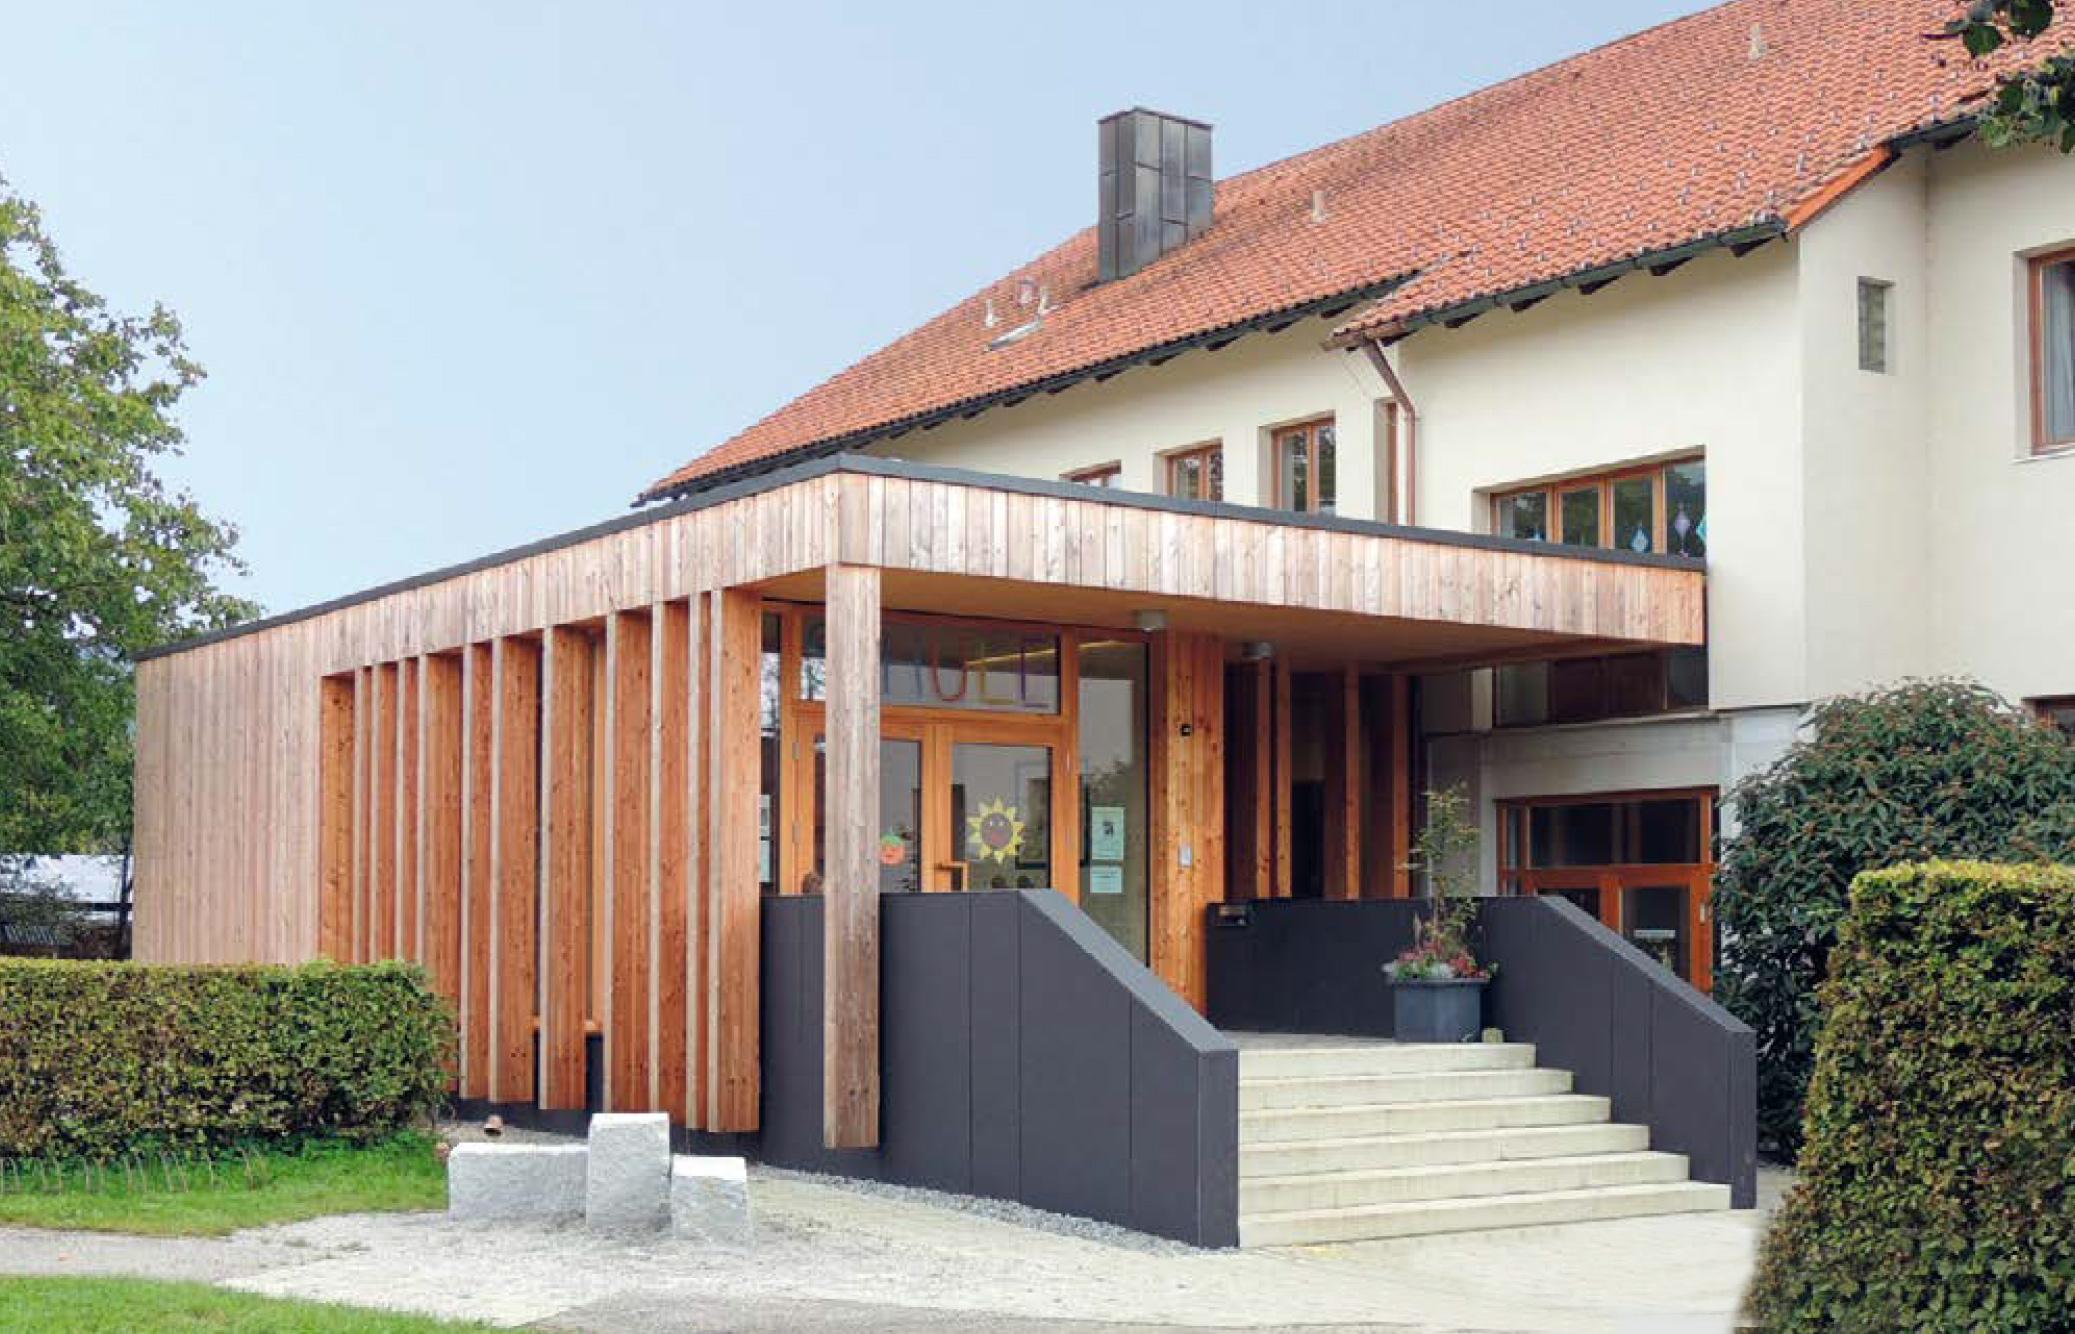 Grundschule Germannsdorf